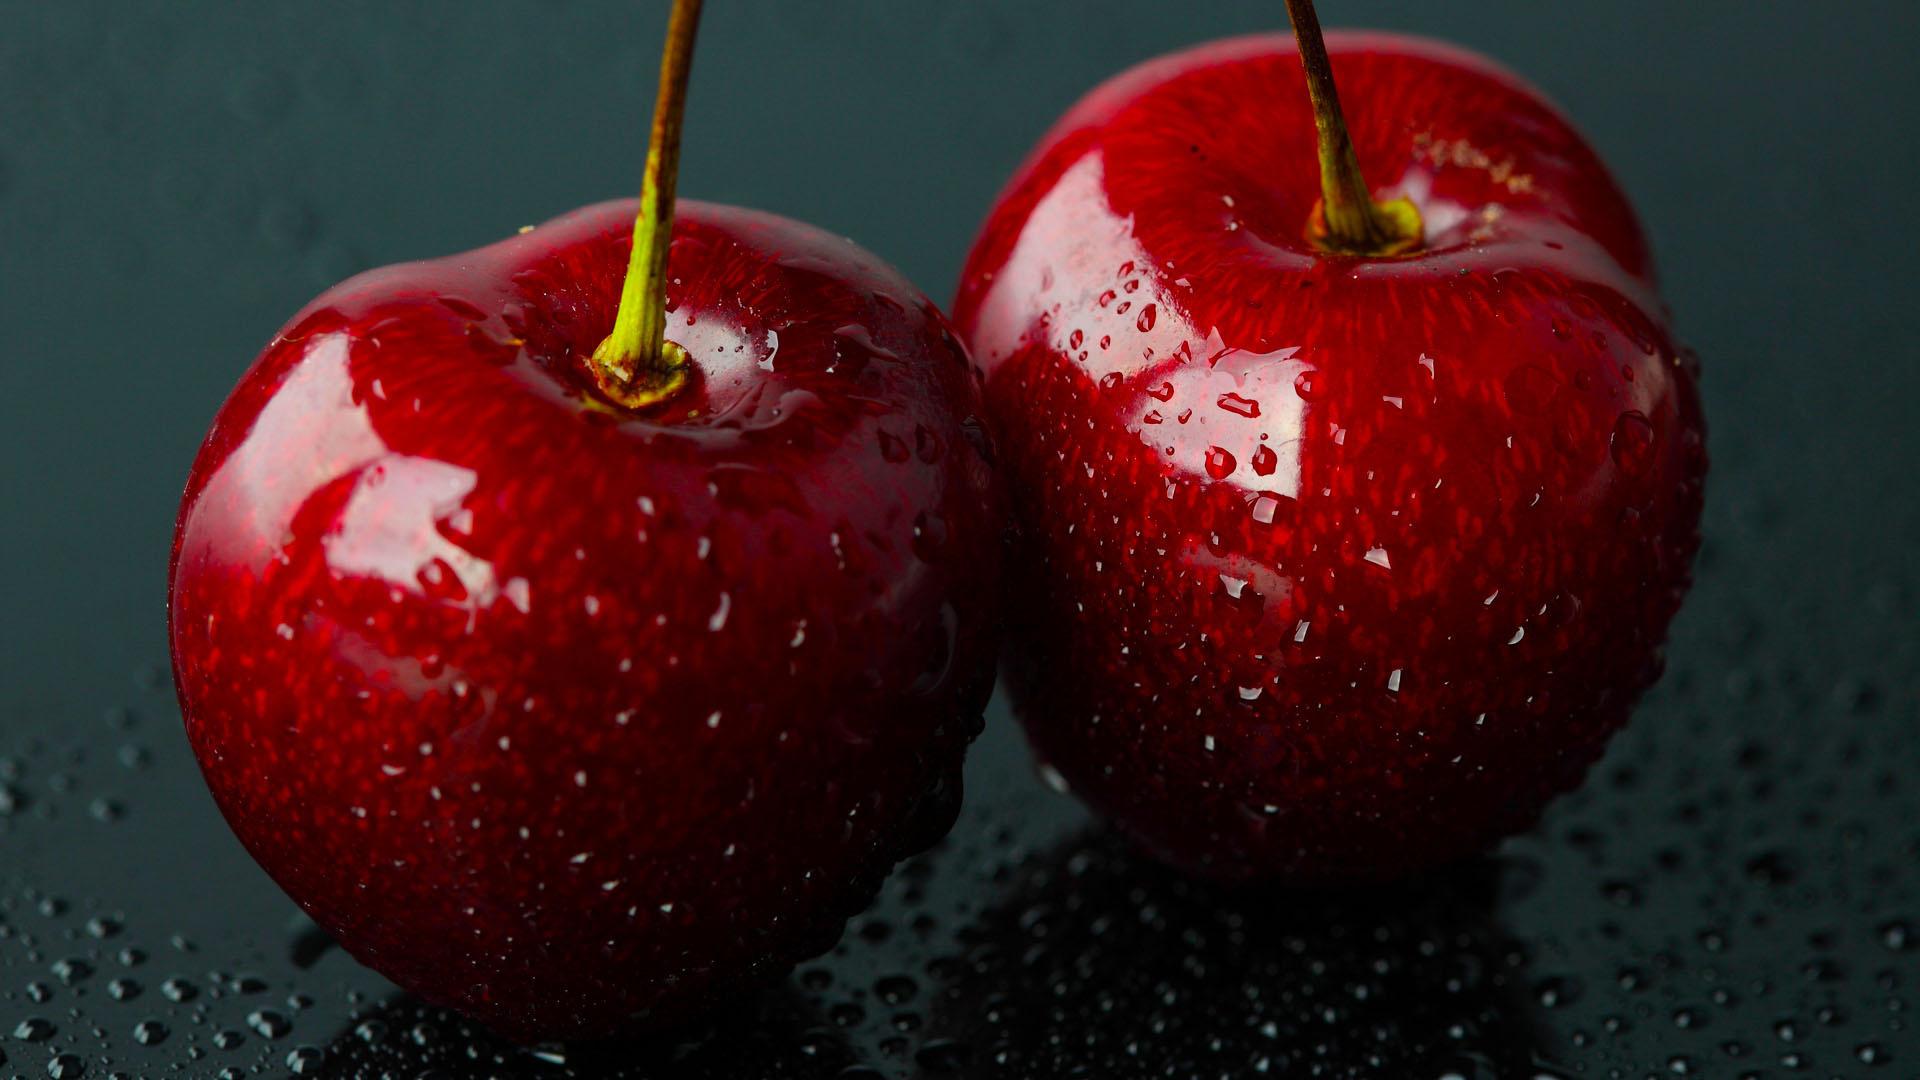 вишни, черешня, ягоды